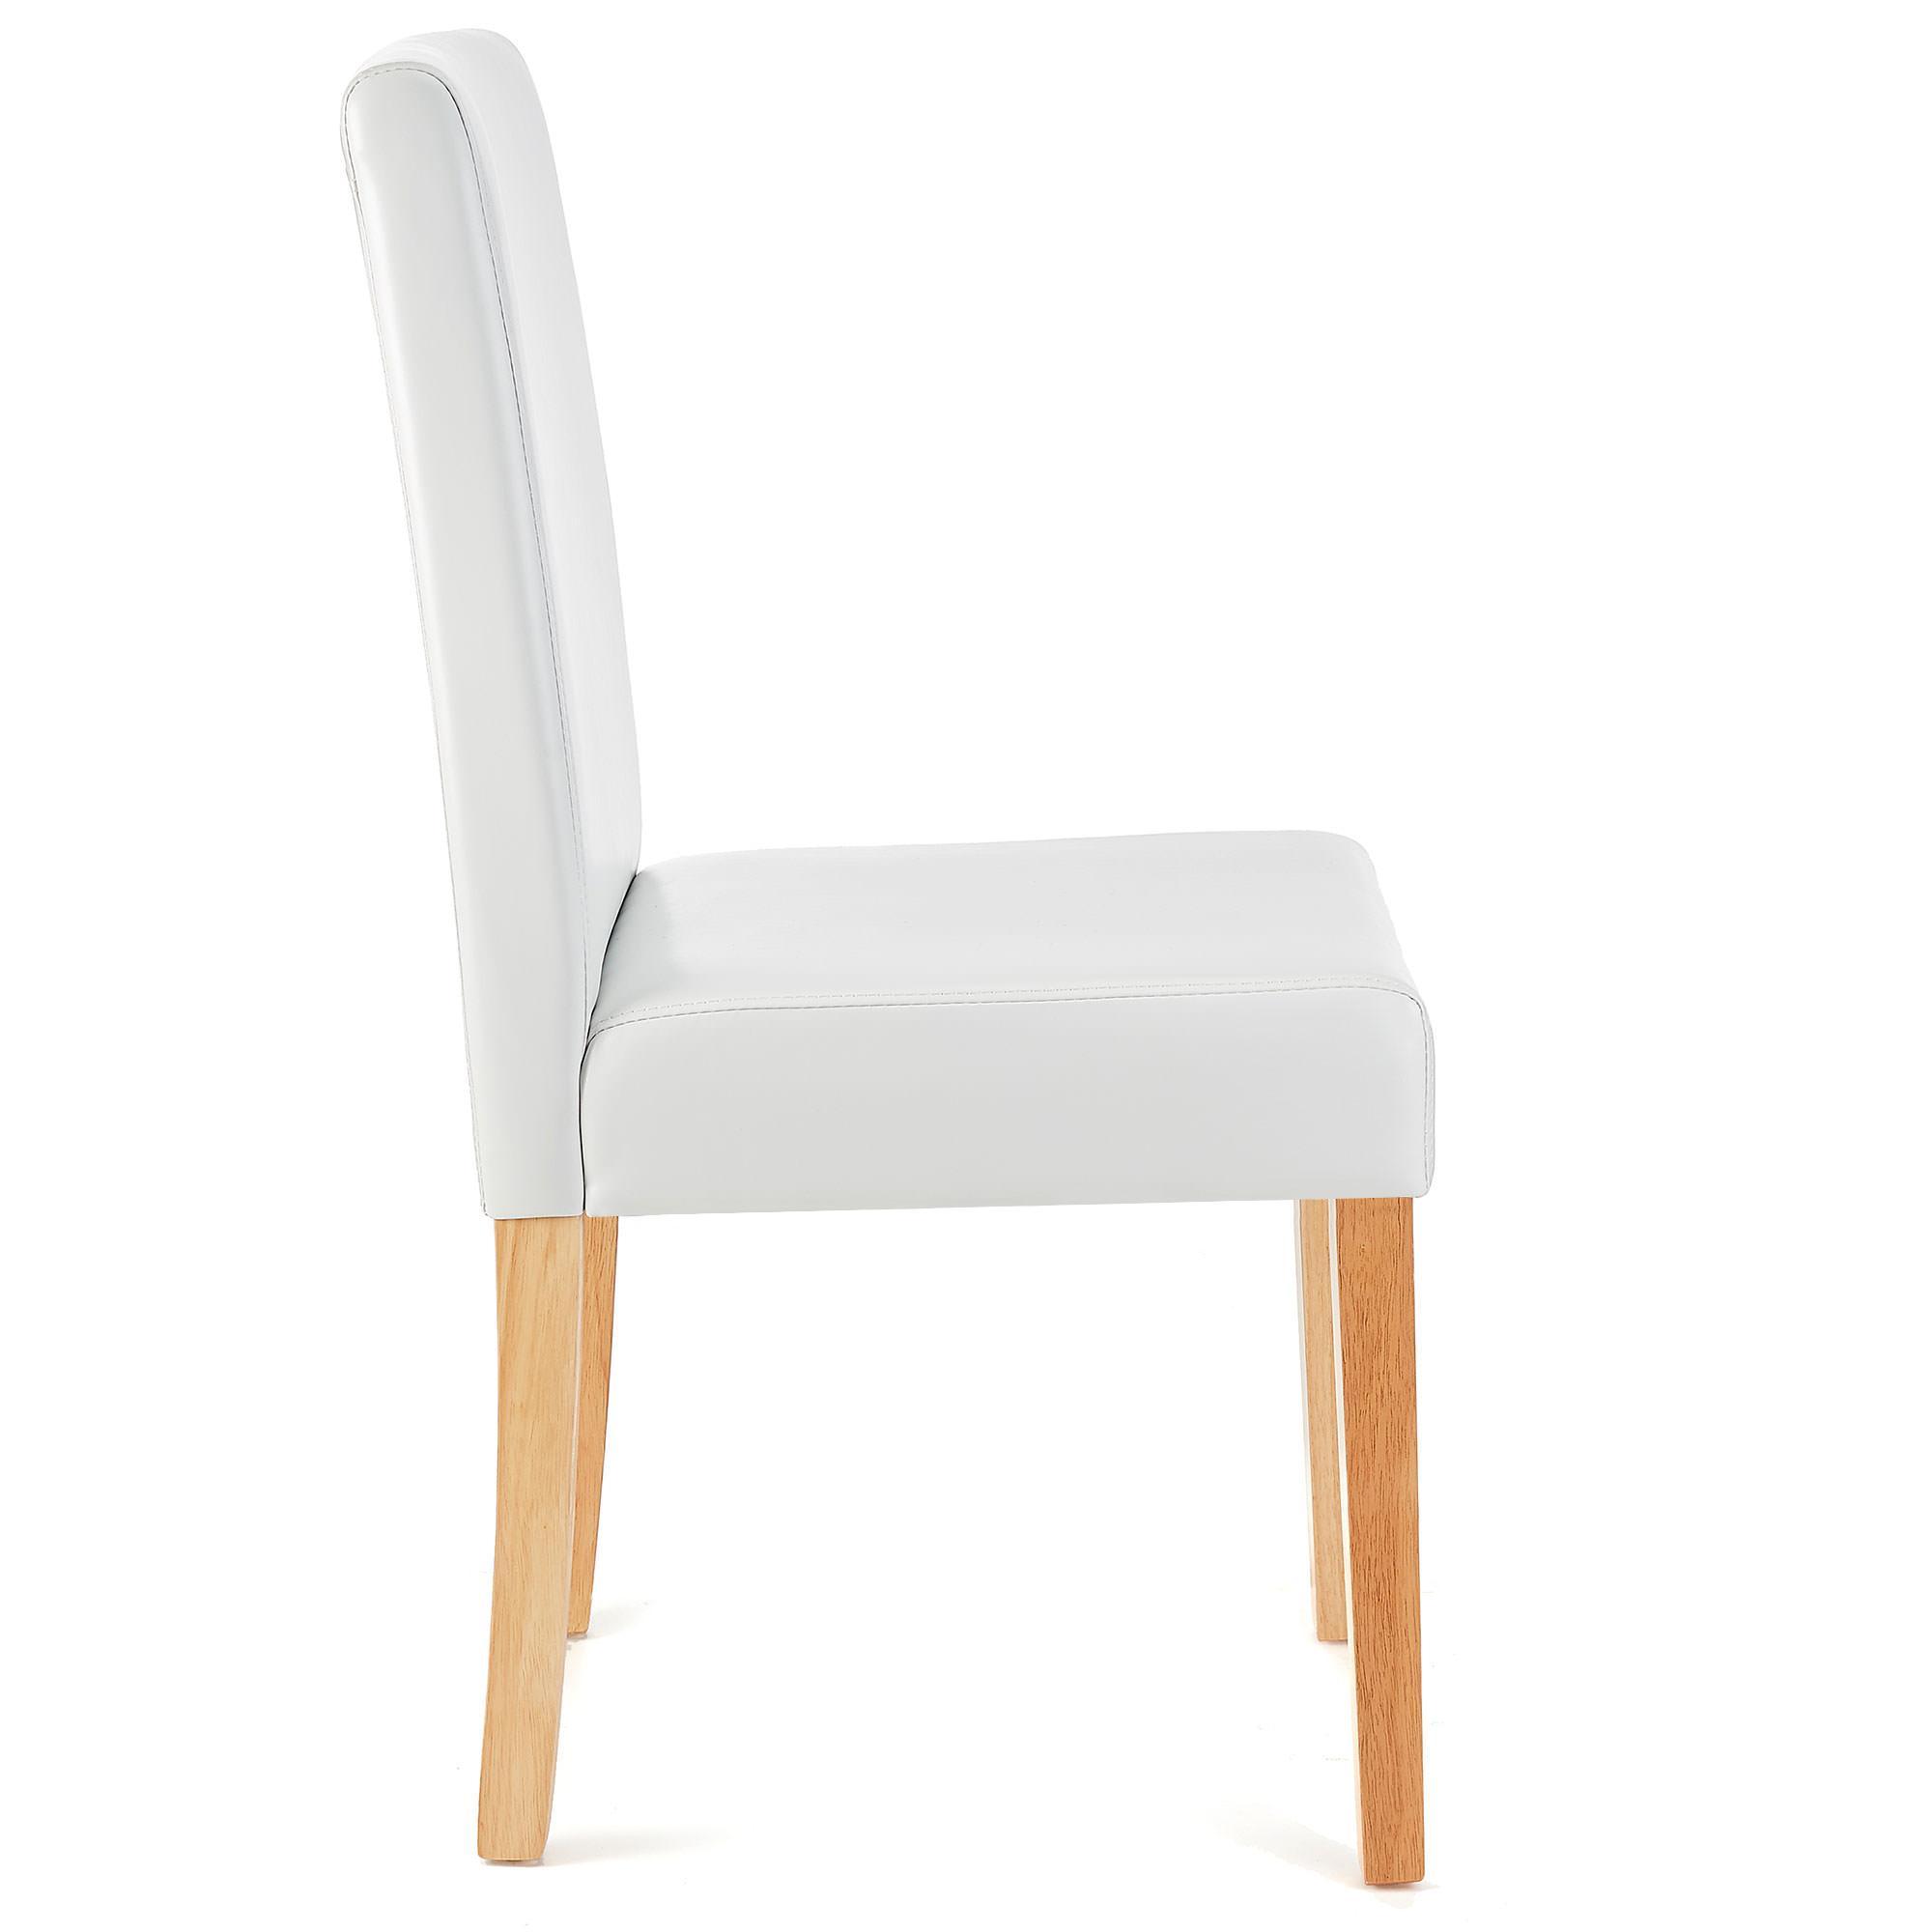 Lote 4 sillas de comedor litau piel real precioso dise o for Sillas de comedor tapizadas en piel